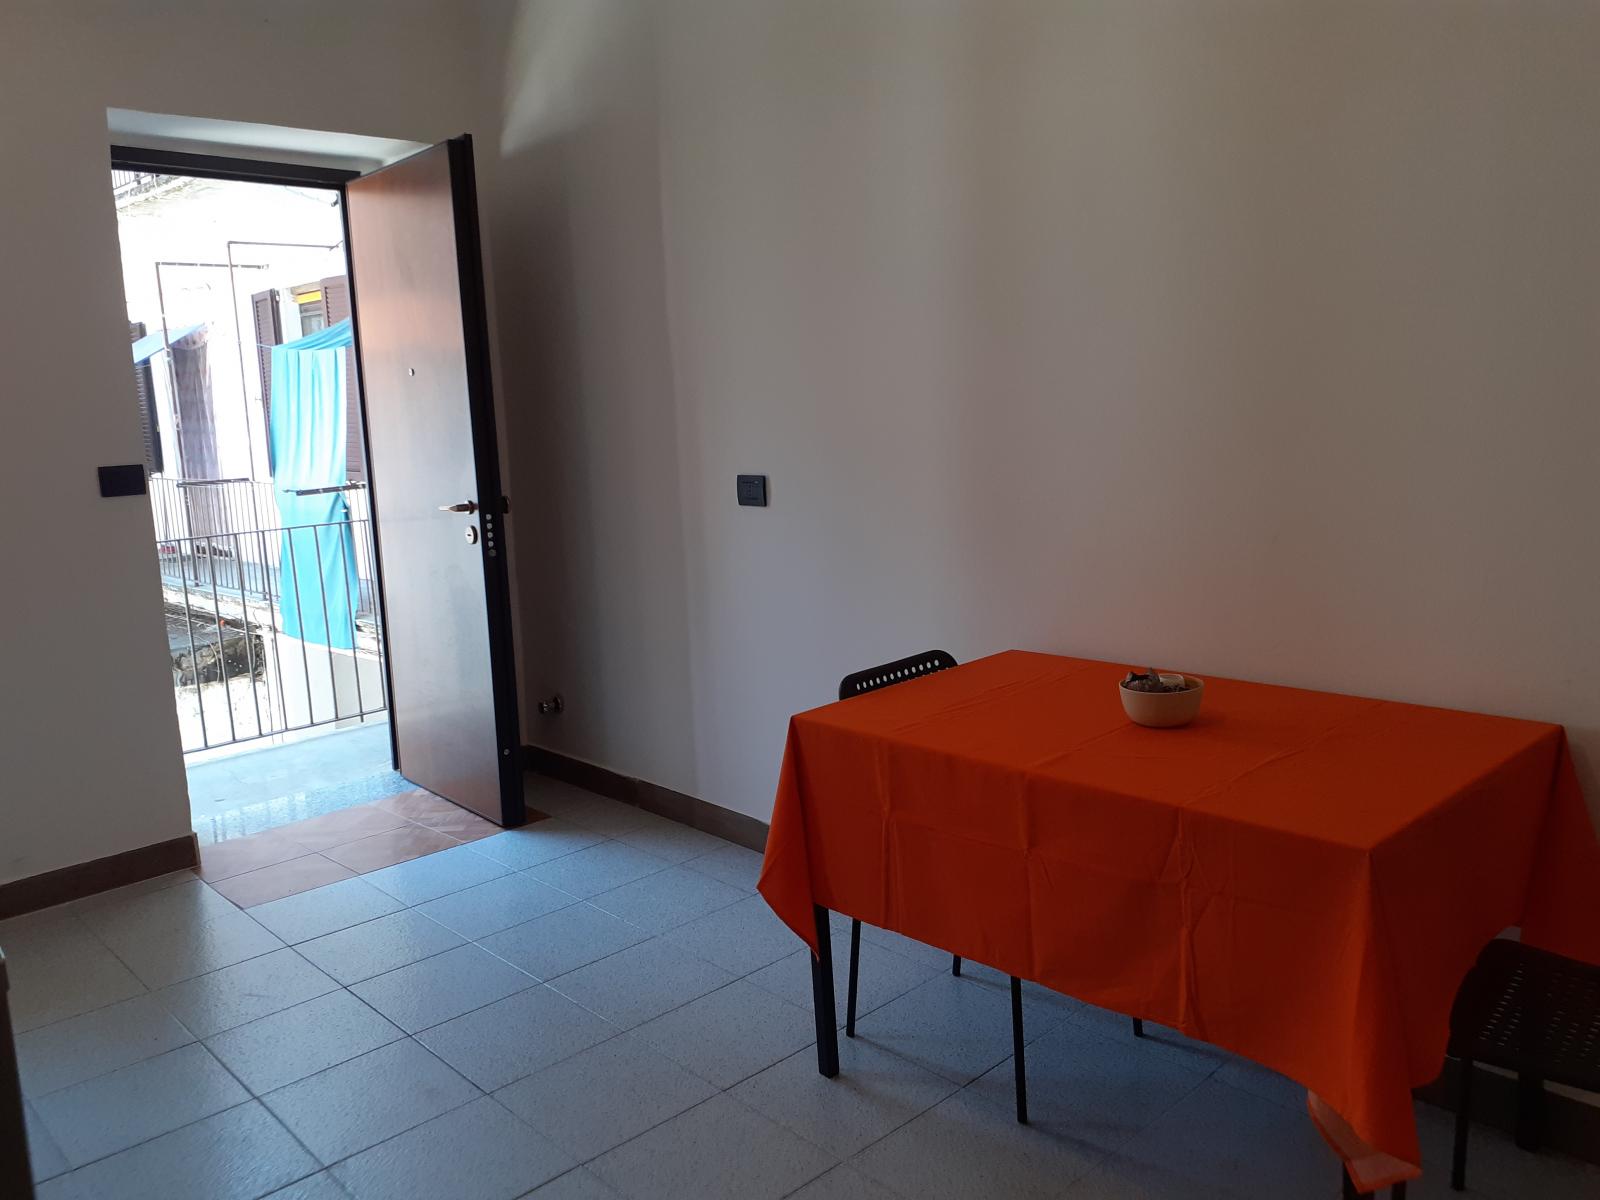 appartamento-in-vendita-a-baggio-milano-monolocale-65.000-euro-spaziourbano-immobiliare-vende-5